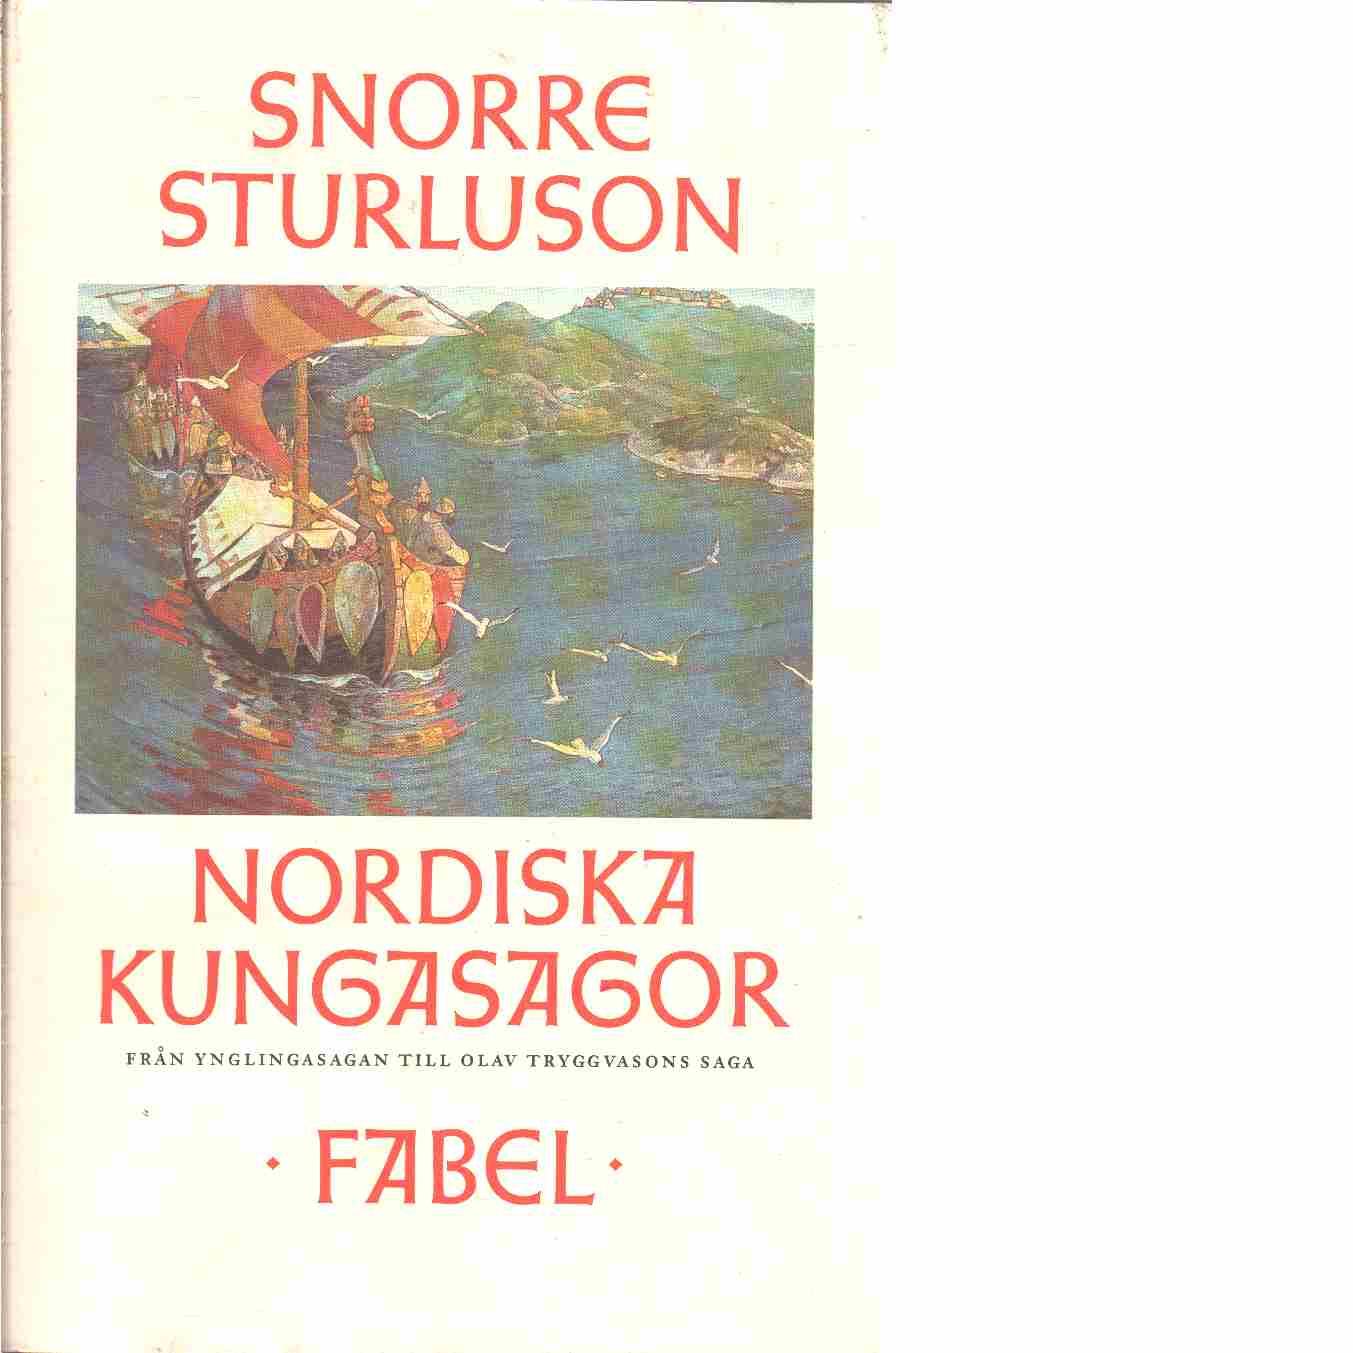 Nordiska kungasagor. 1, Från Ynglingasagan till Olav Tryggvasons saga  - Snorre Sturlasson